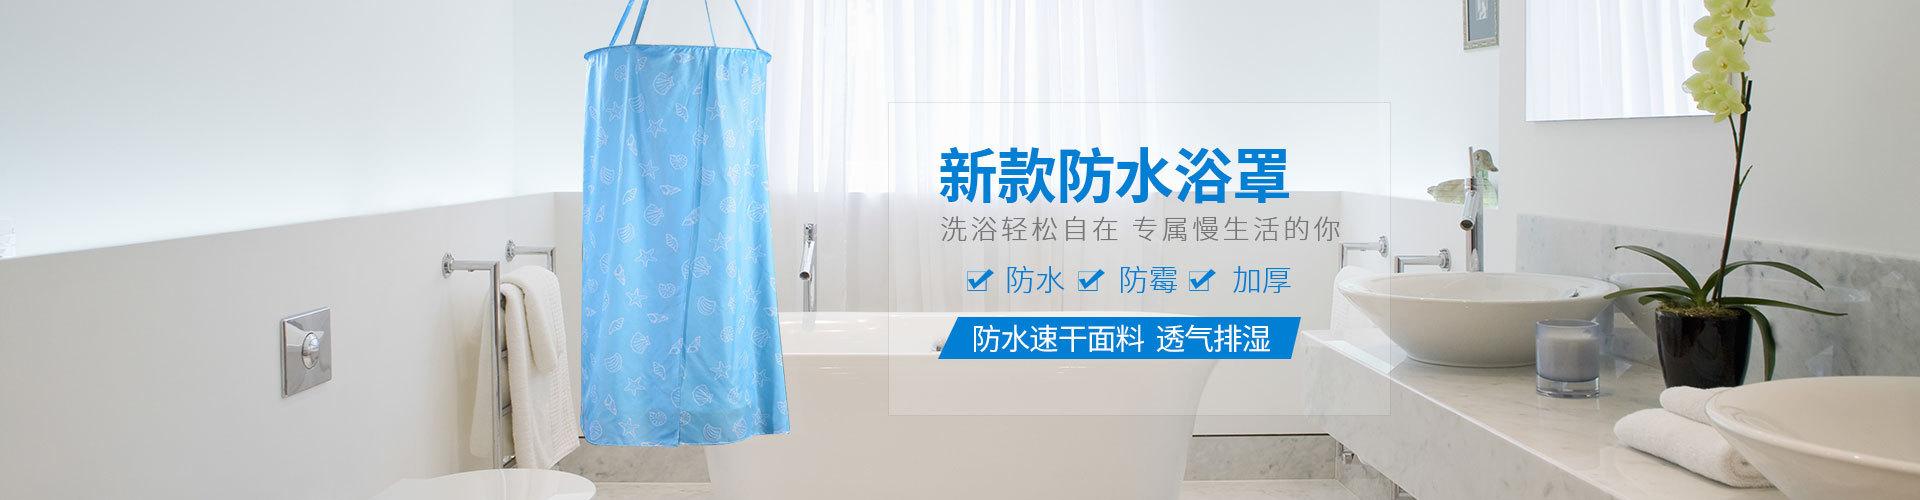 防水浴罩定制